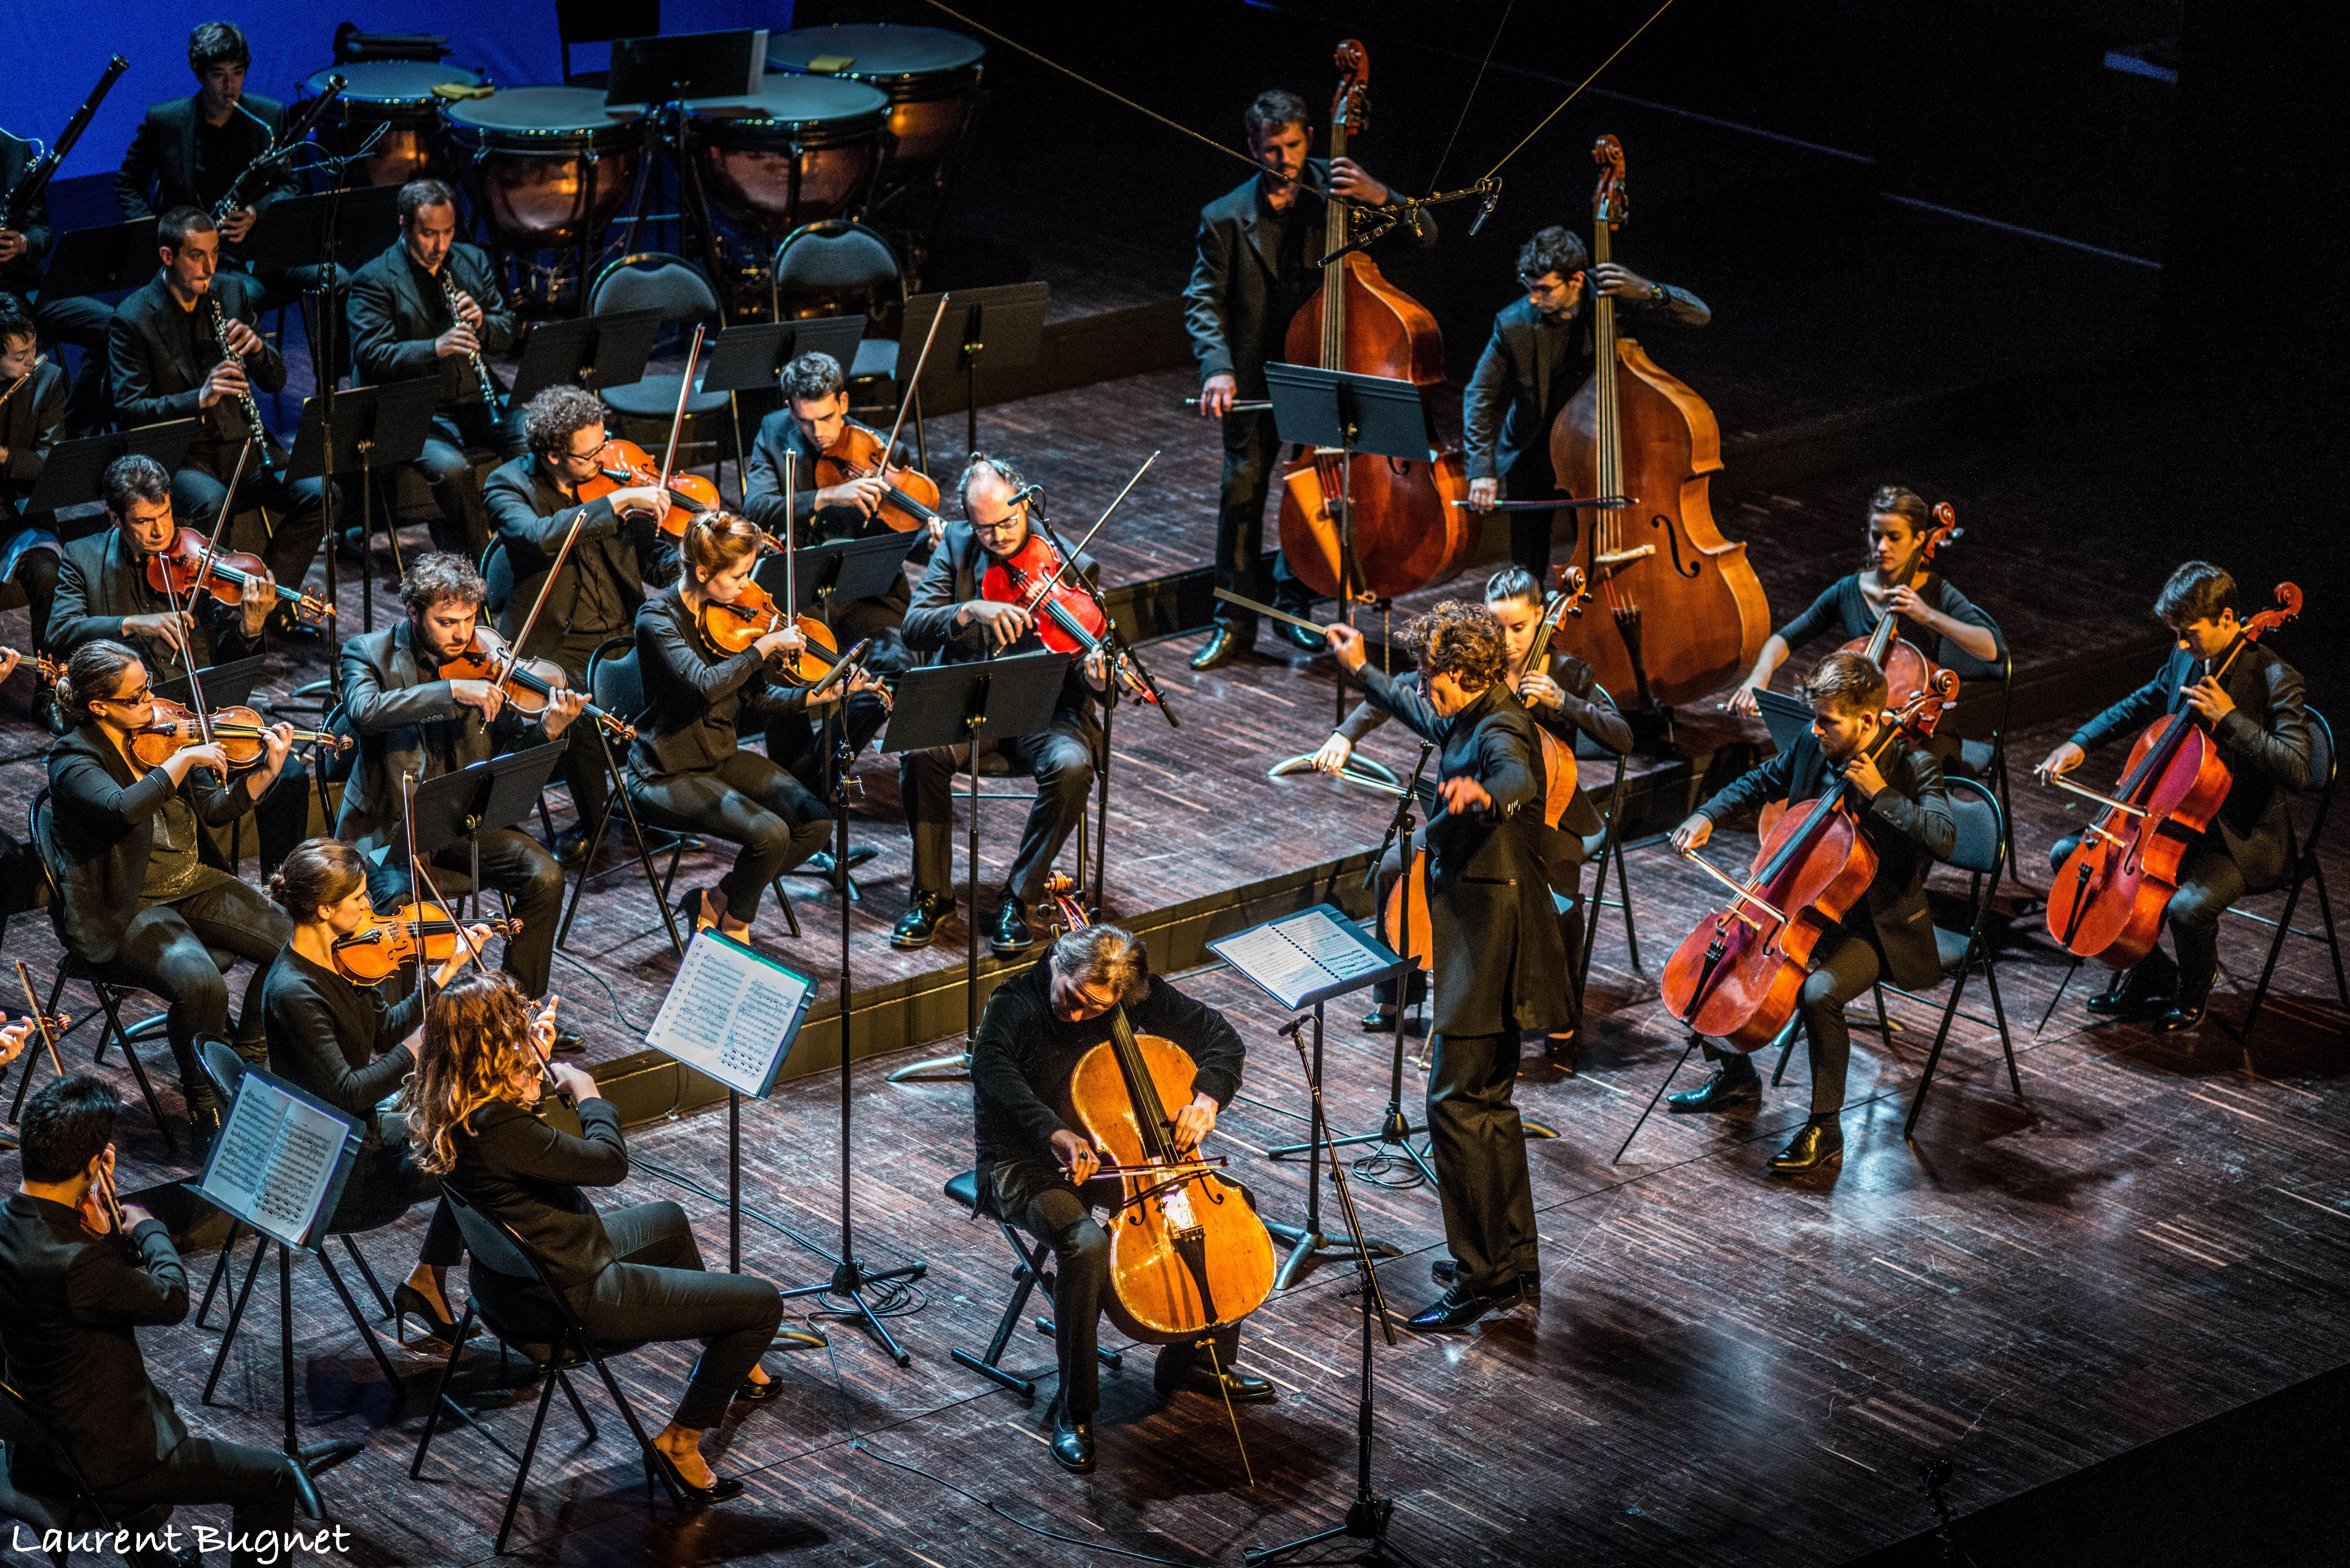 Au coeur de l'Europe centrale avec l'Orchestre de chambre Nouvelle Europe